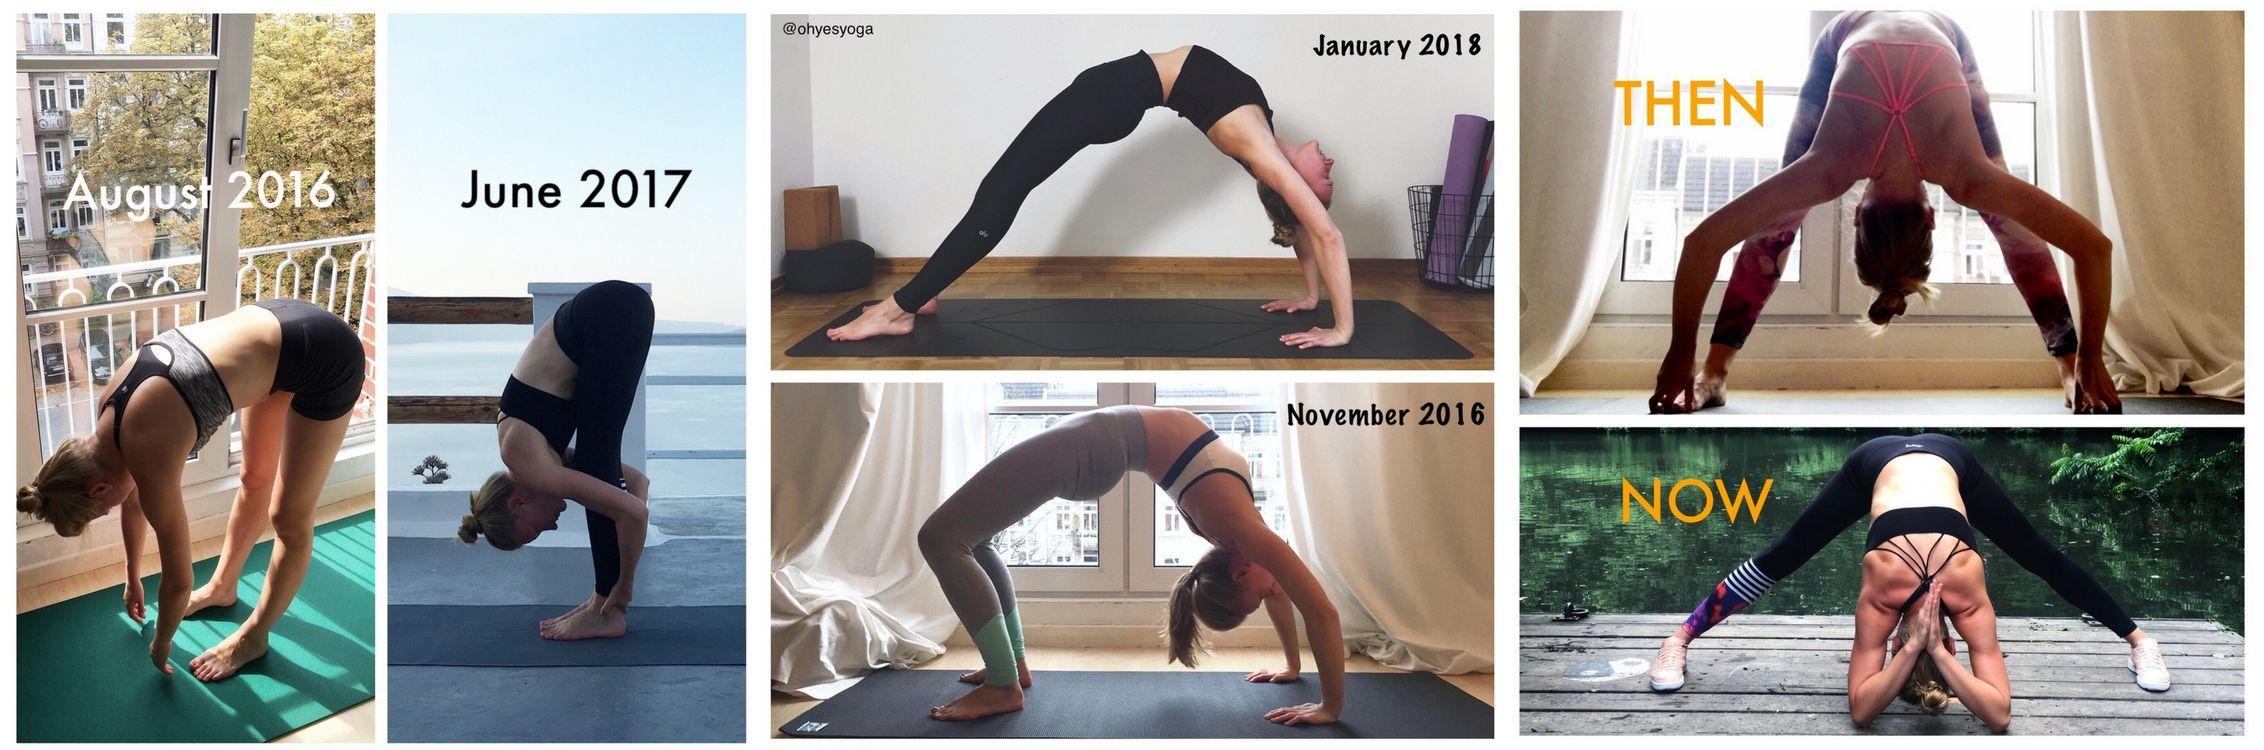 Persönliche_Entwicklung_Yoga_Asana_Vorher_Nachher_Oh_Yes_Yoga